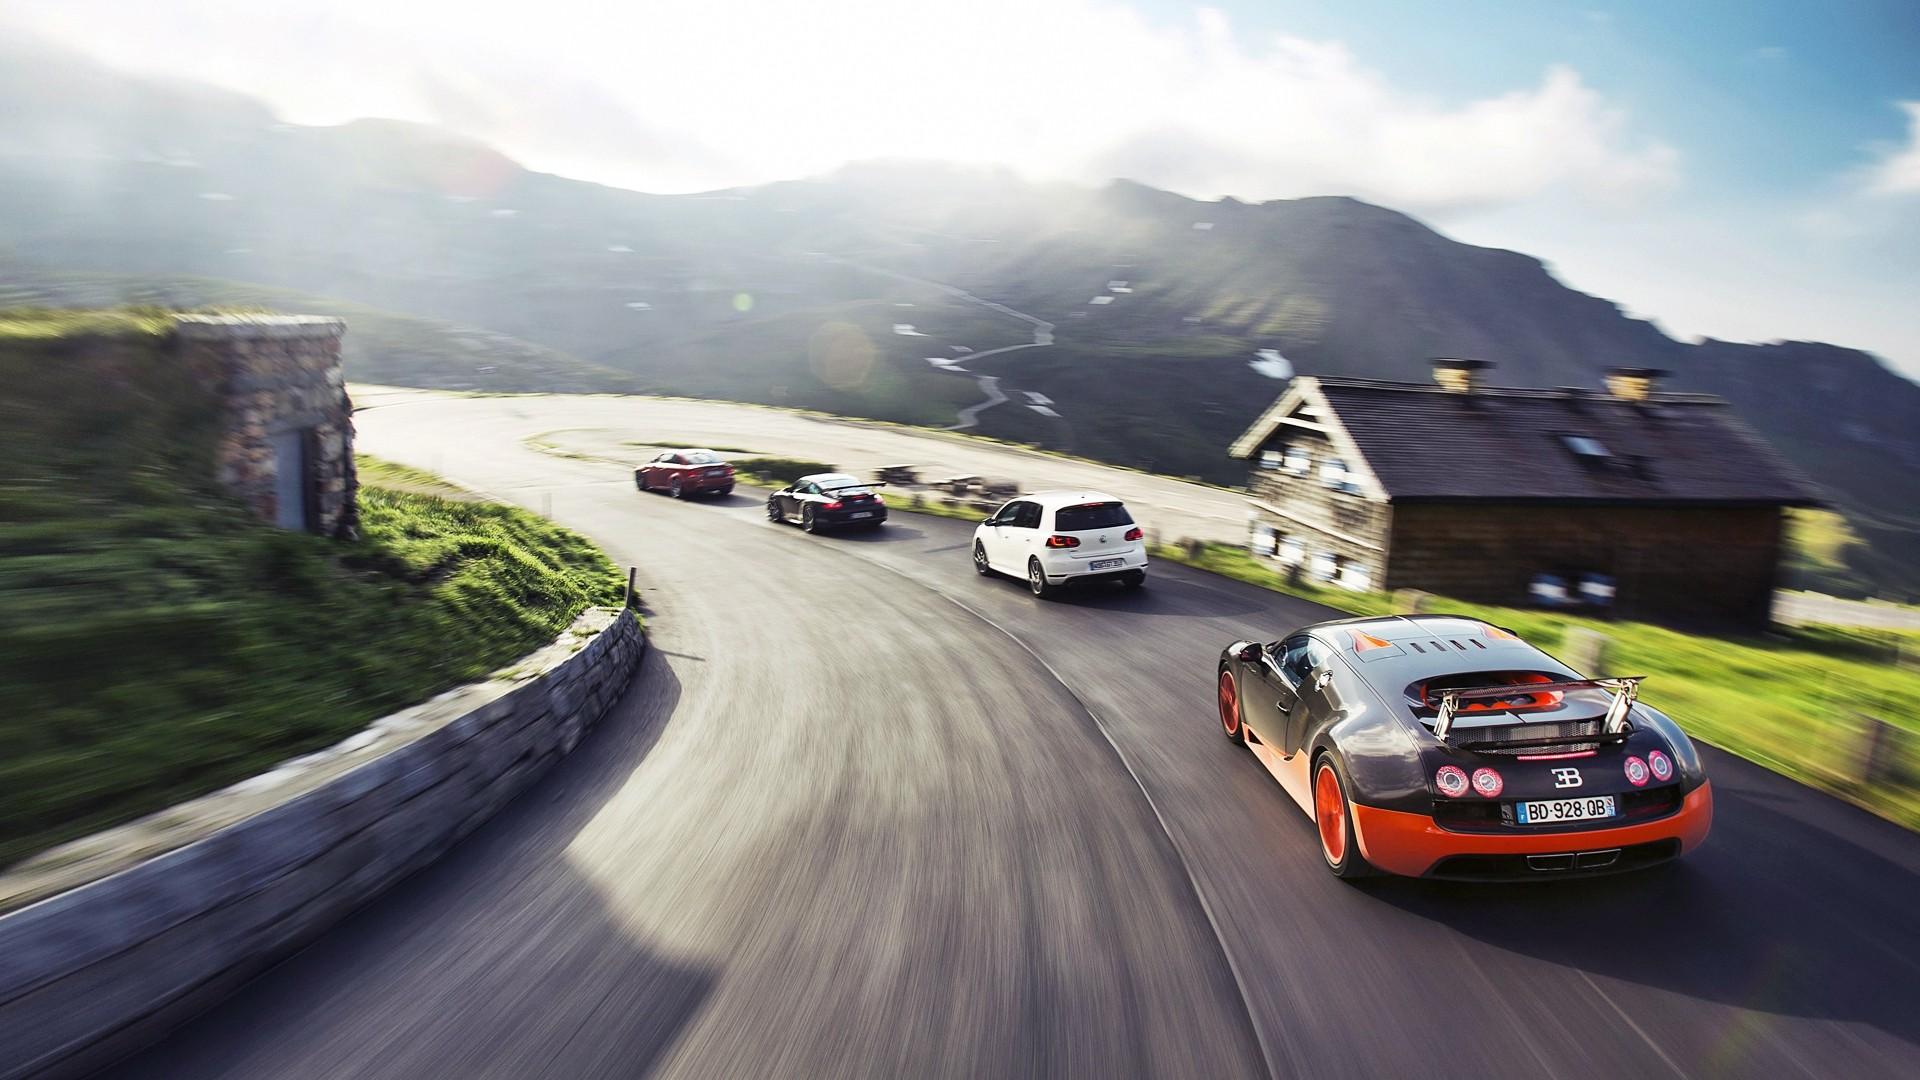 Mountains Bmw Porsche Cars Top Gear Bugatti Sunlight Roads